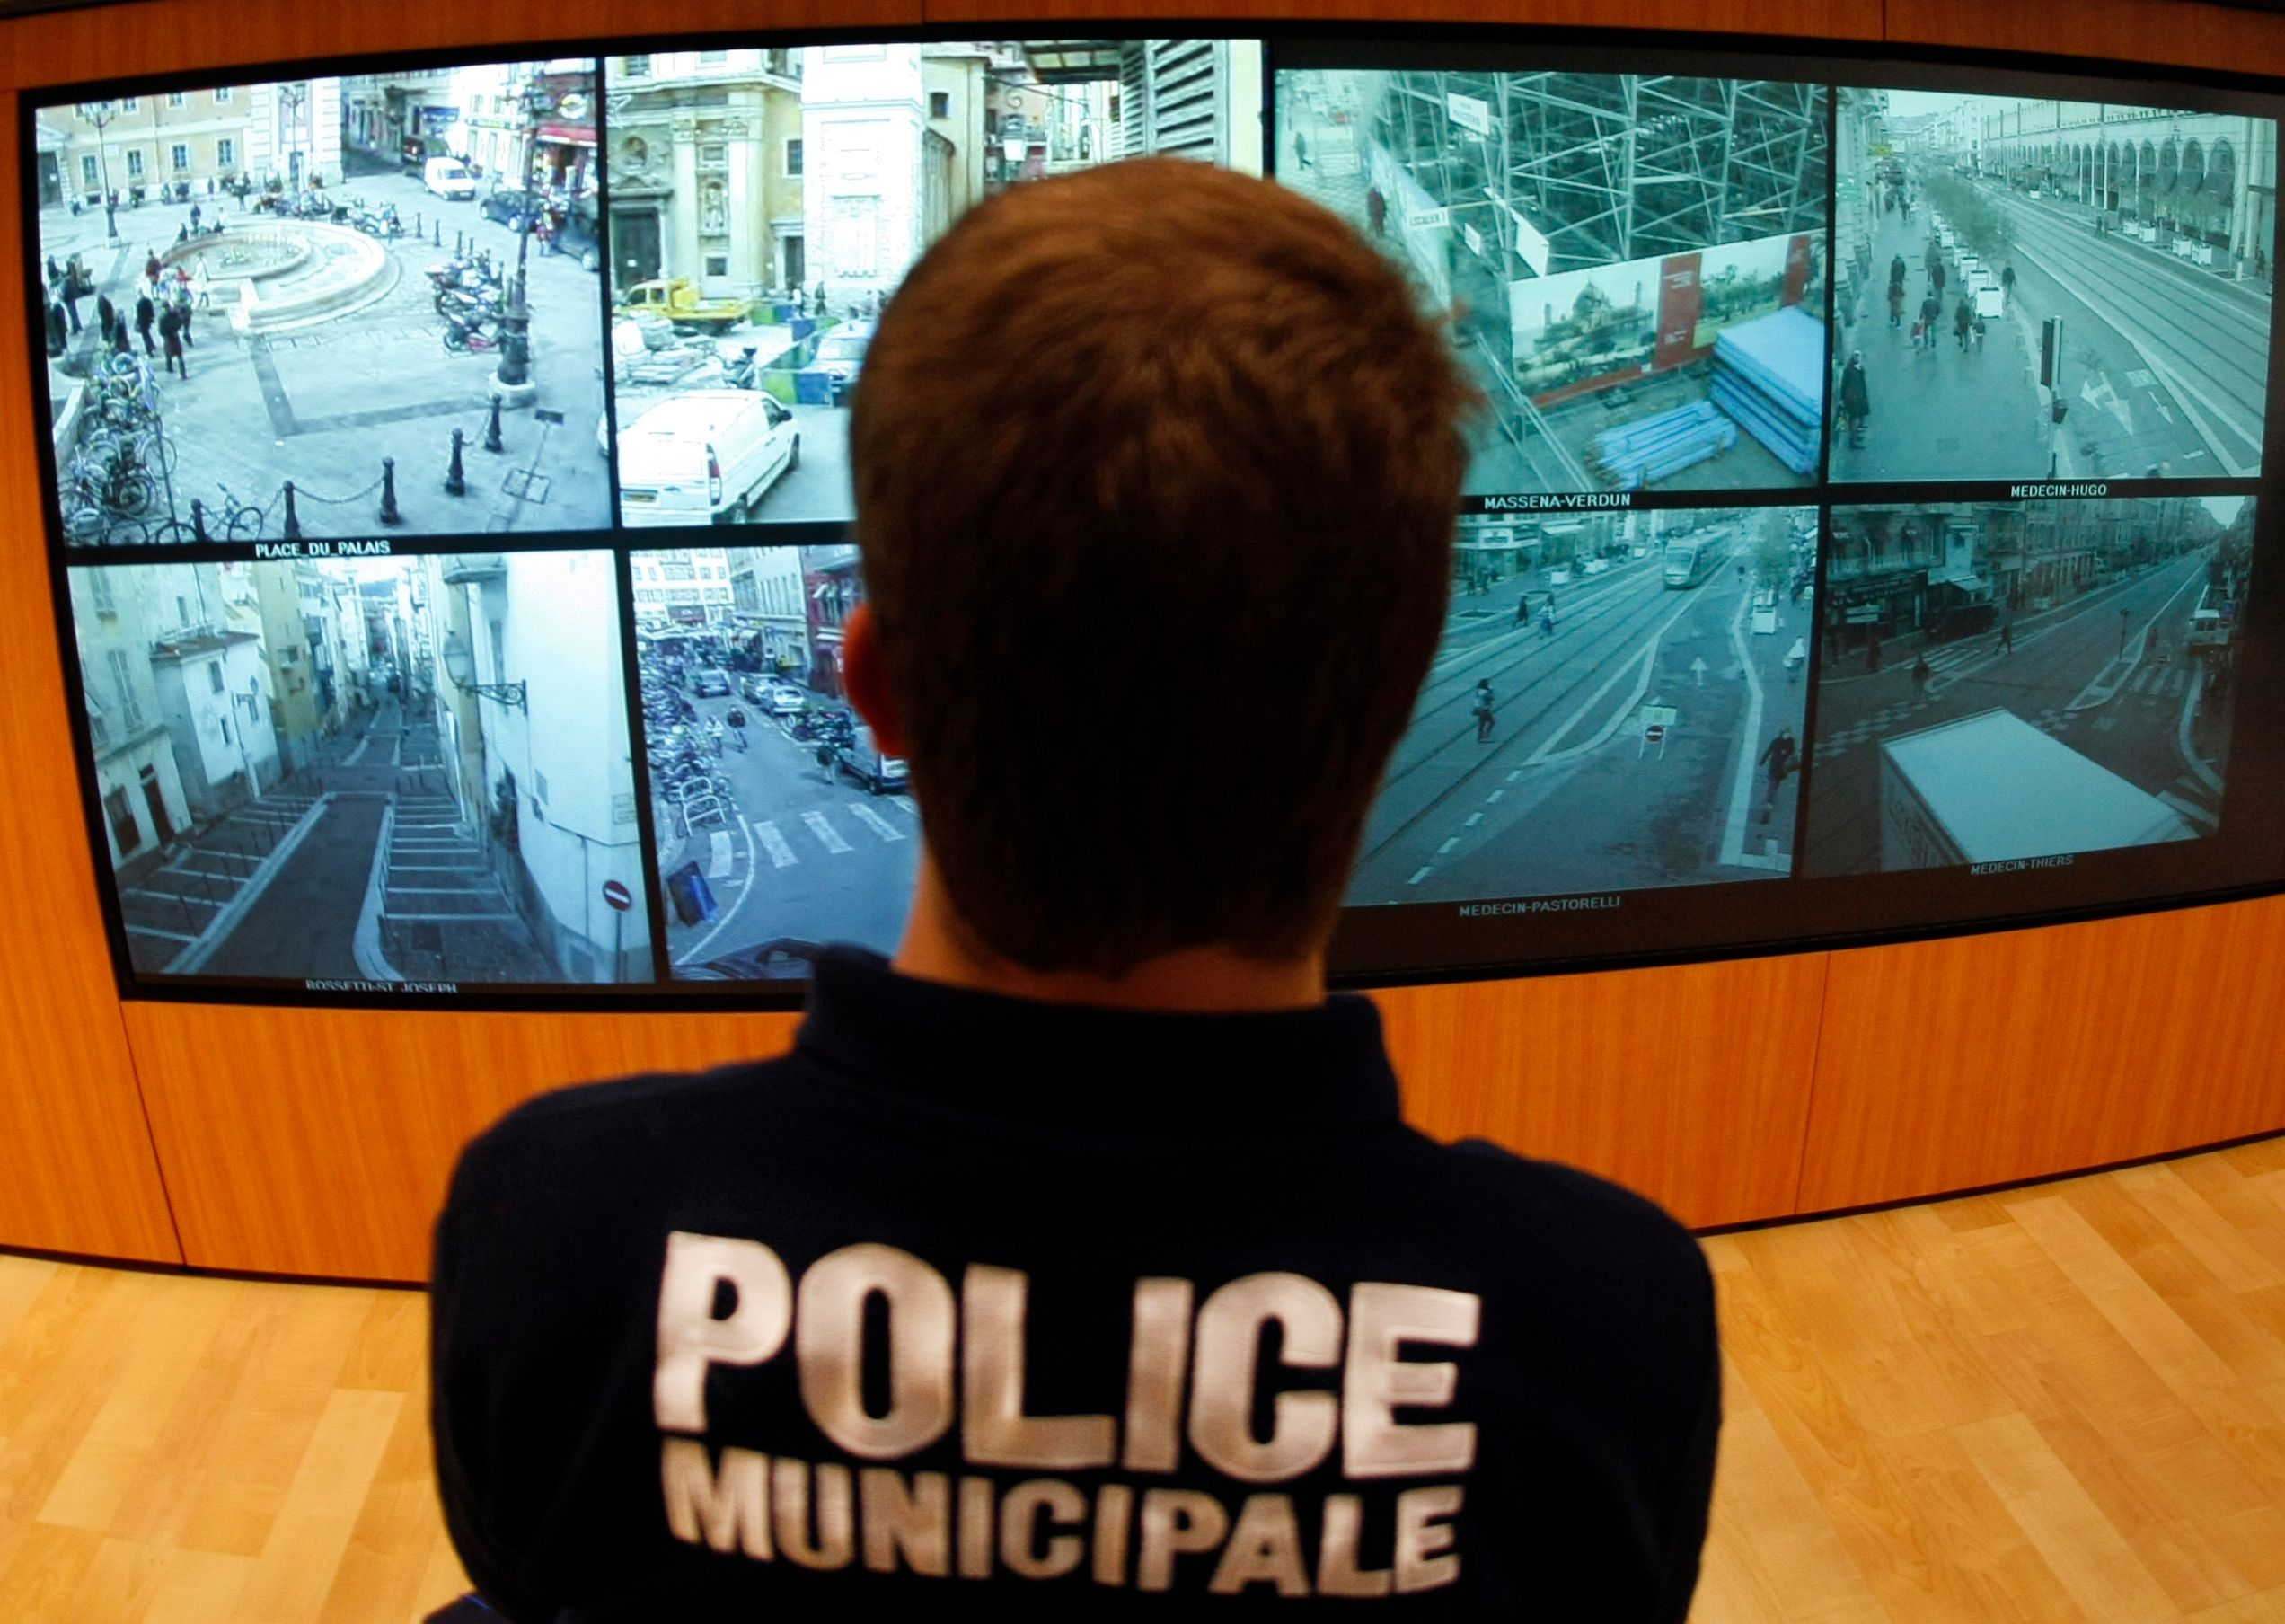 Attentat de Nice : la justice a ordonné à la mairie de supprimer 24 heures de bandes de vidéosurveillance